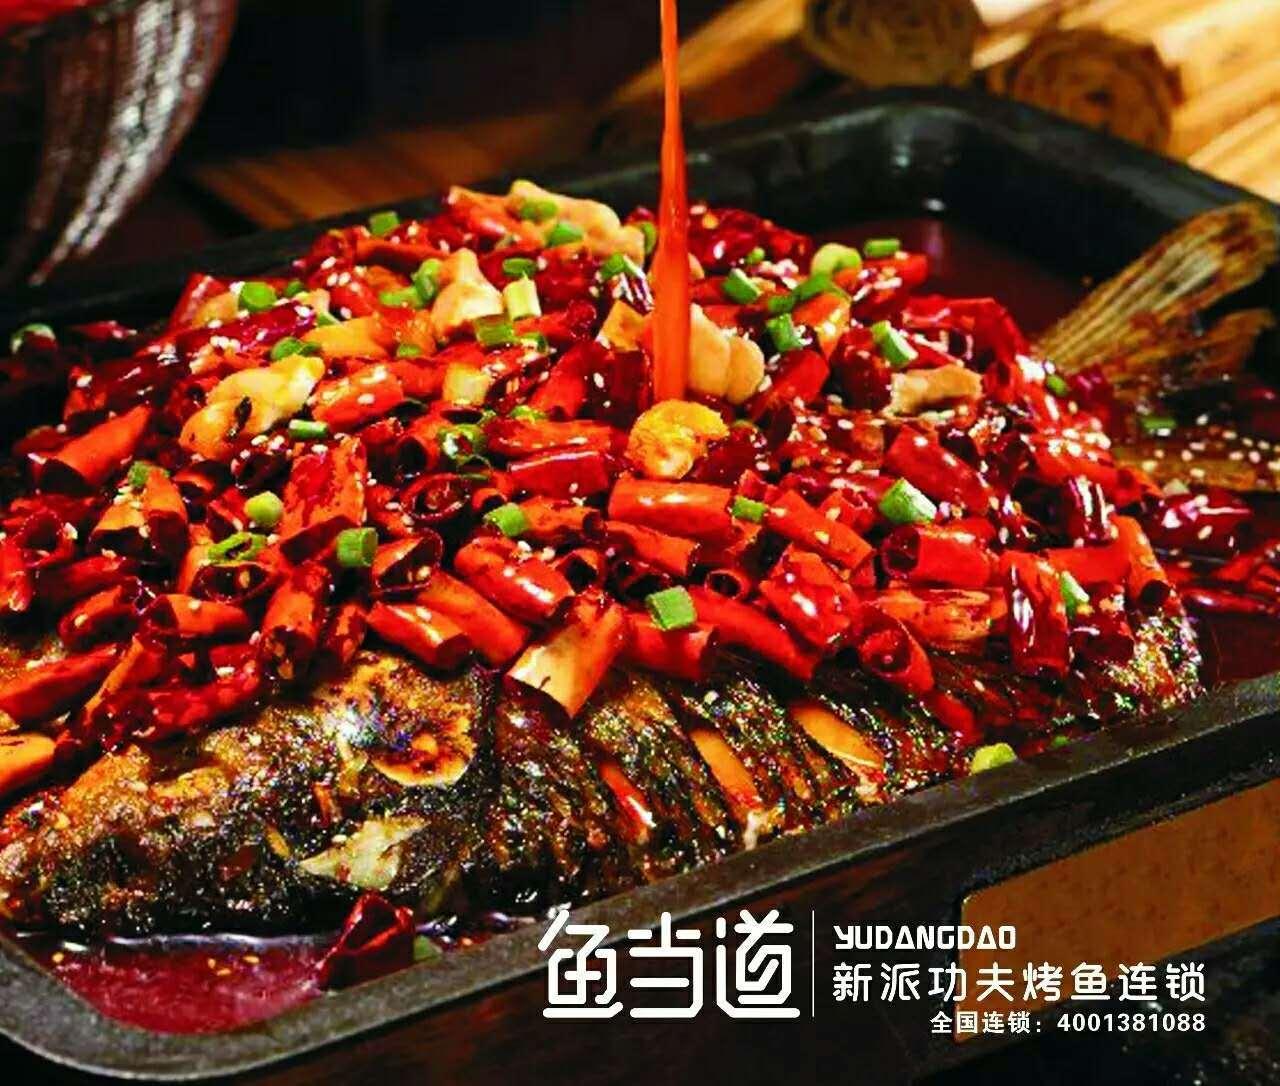 等水烧开后用筷子拨成像鱼的形状